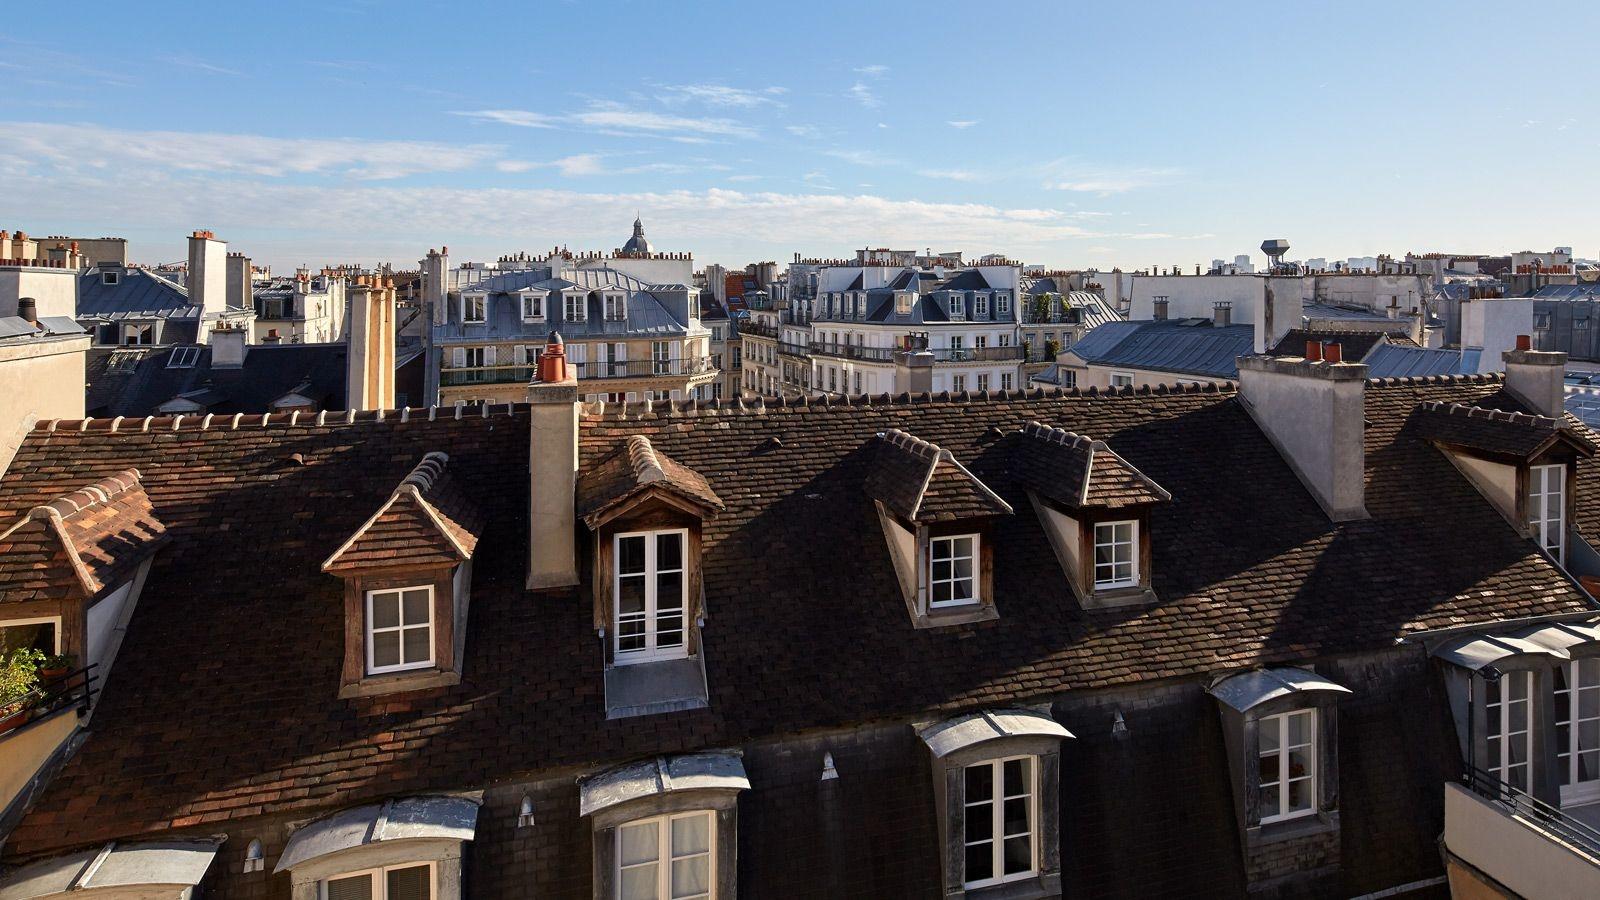 9 Confidentiel: новый проект Филиппа Старка в Париже (галерея 7, фото 6)